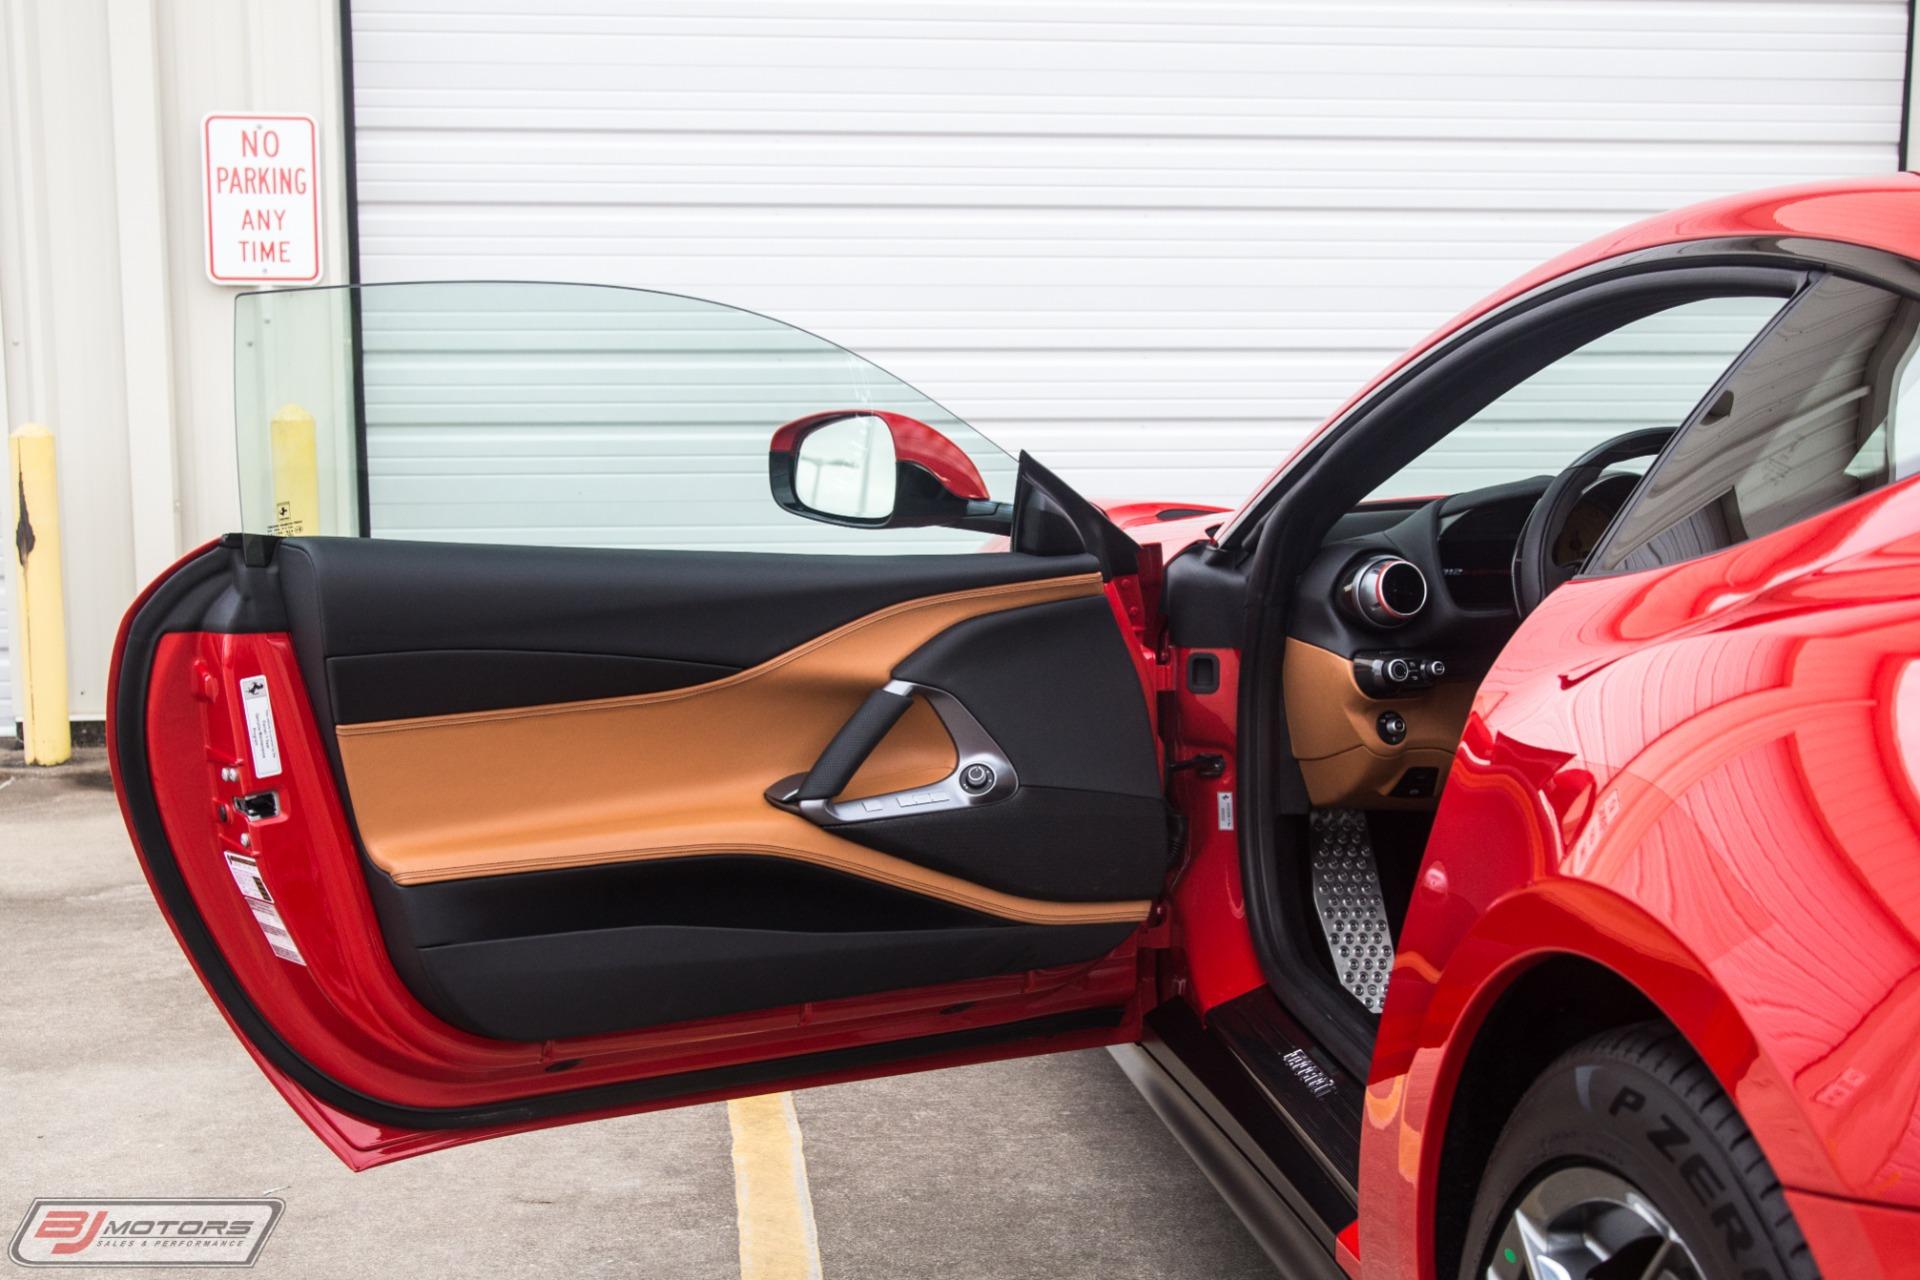 Used-2019-Ferrari-812-Superfast-Rosso-Corsa-D-w-Cuoio-Interior